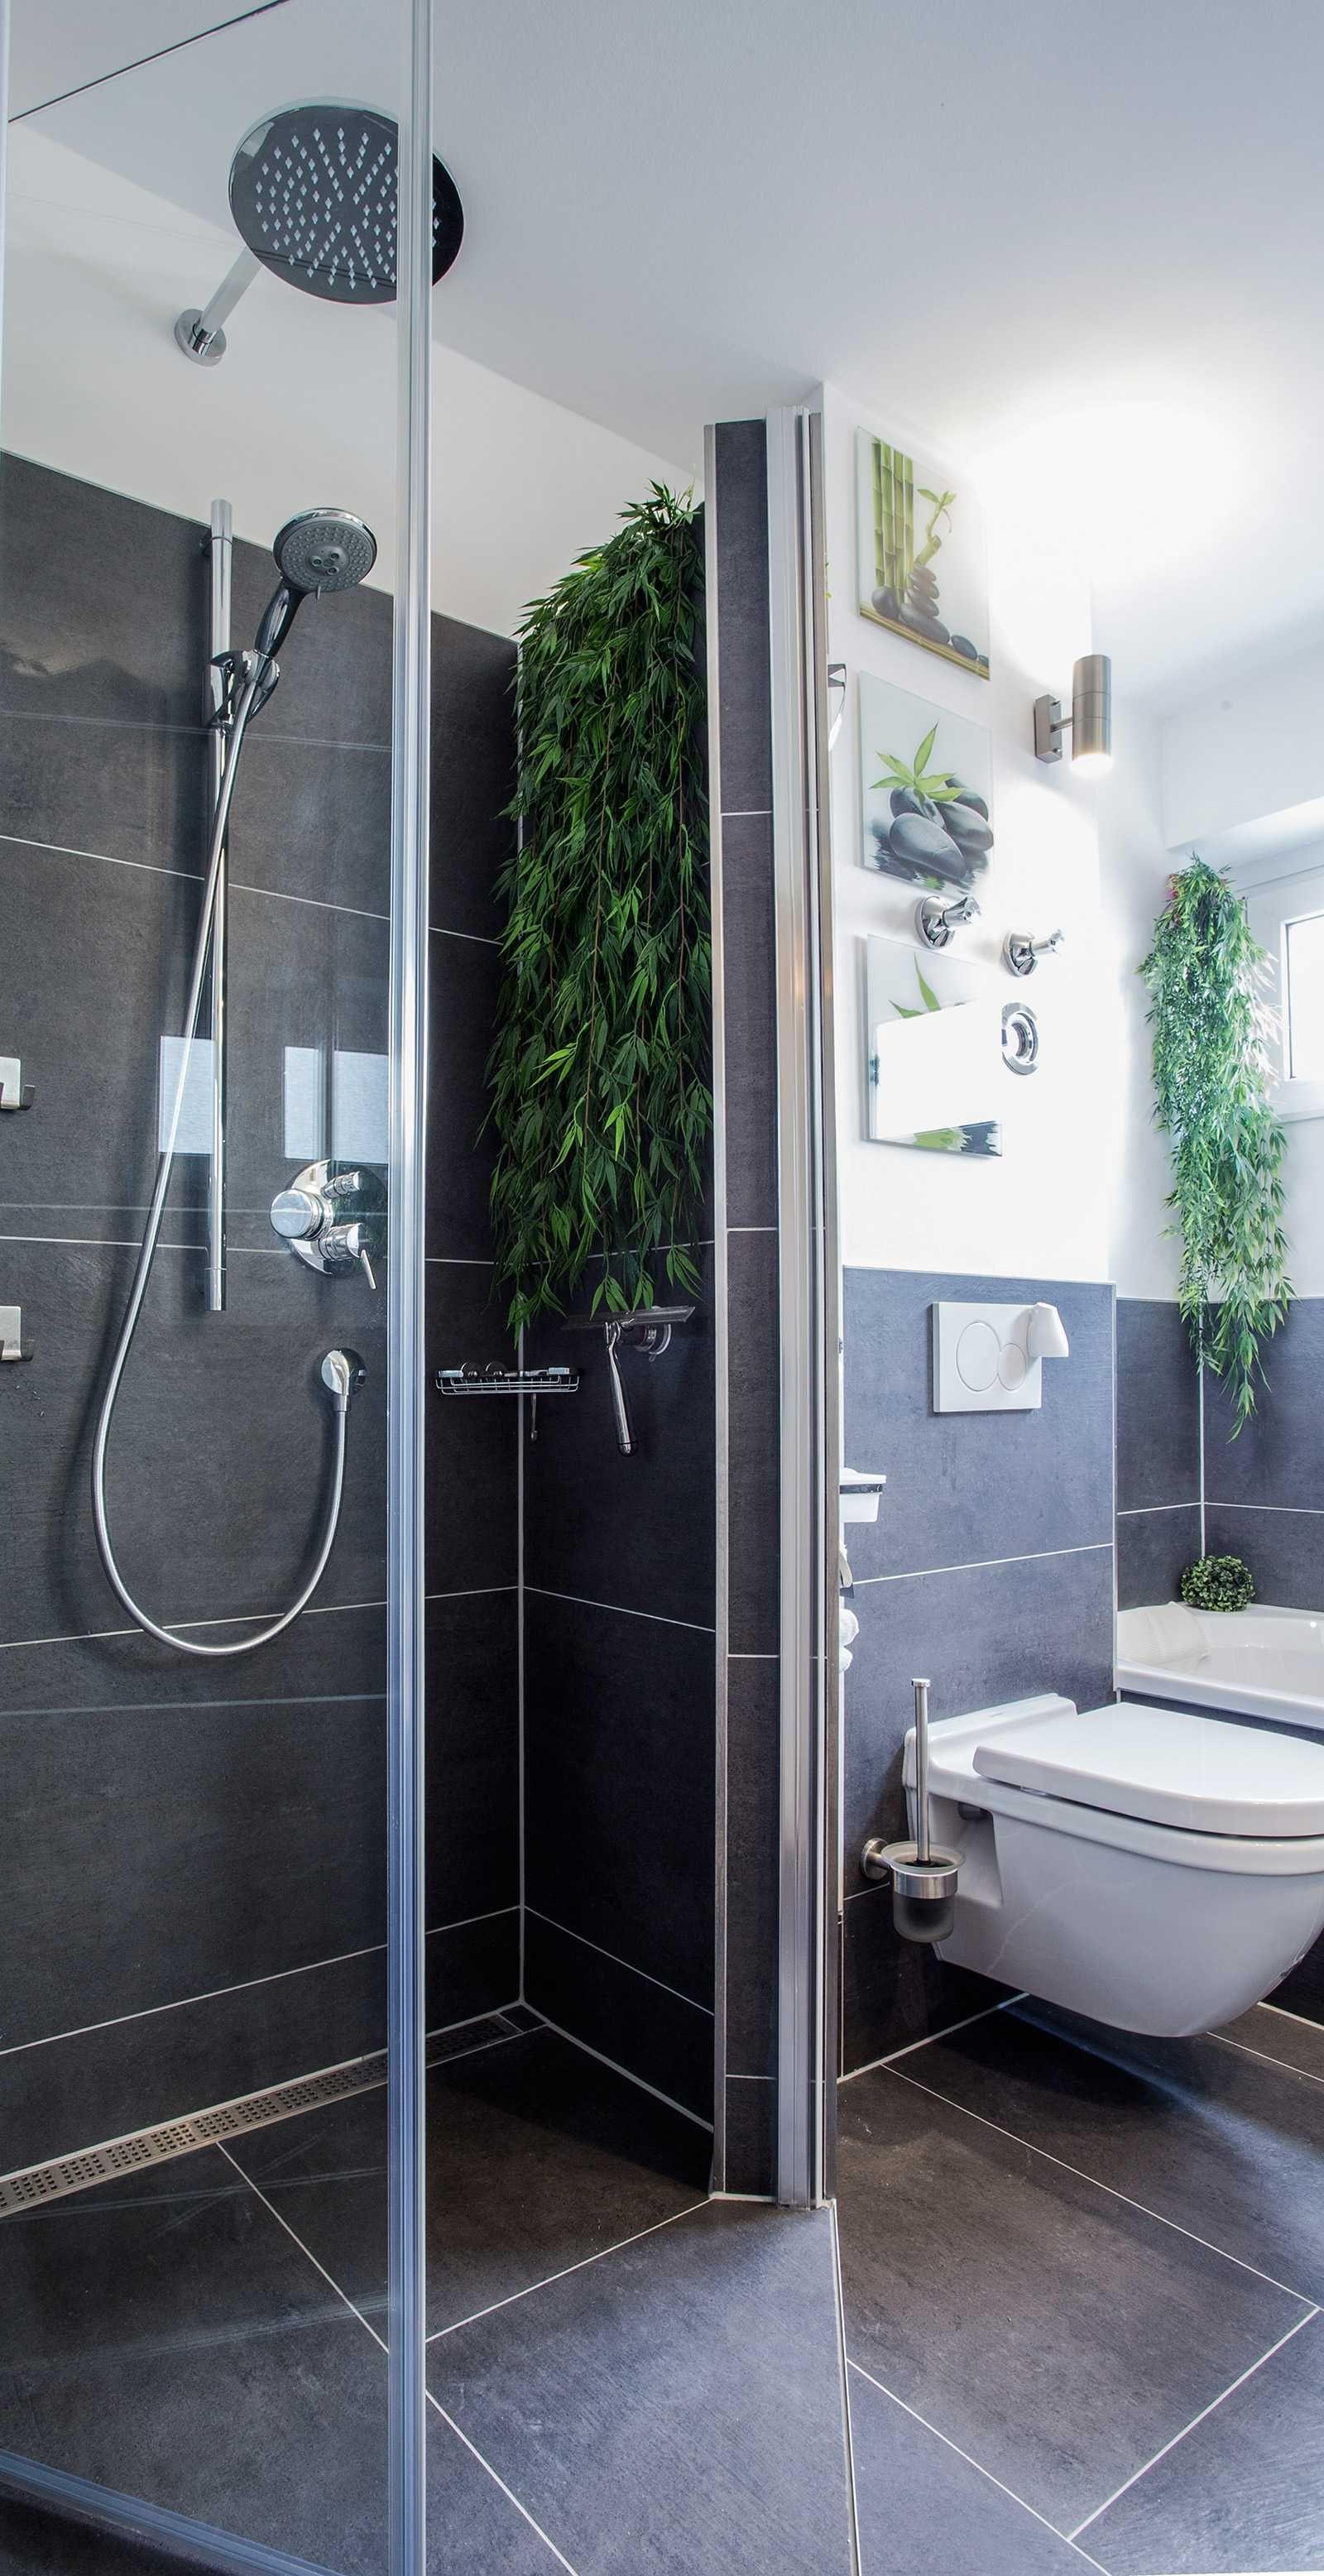 modernes bad mit ebenerdiger dusche und badewanne wwwmini bagno mainz - Mini Dusche Grundriss